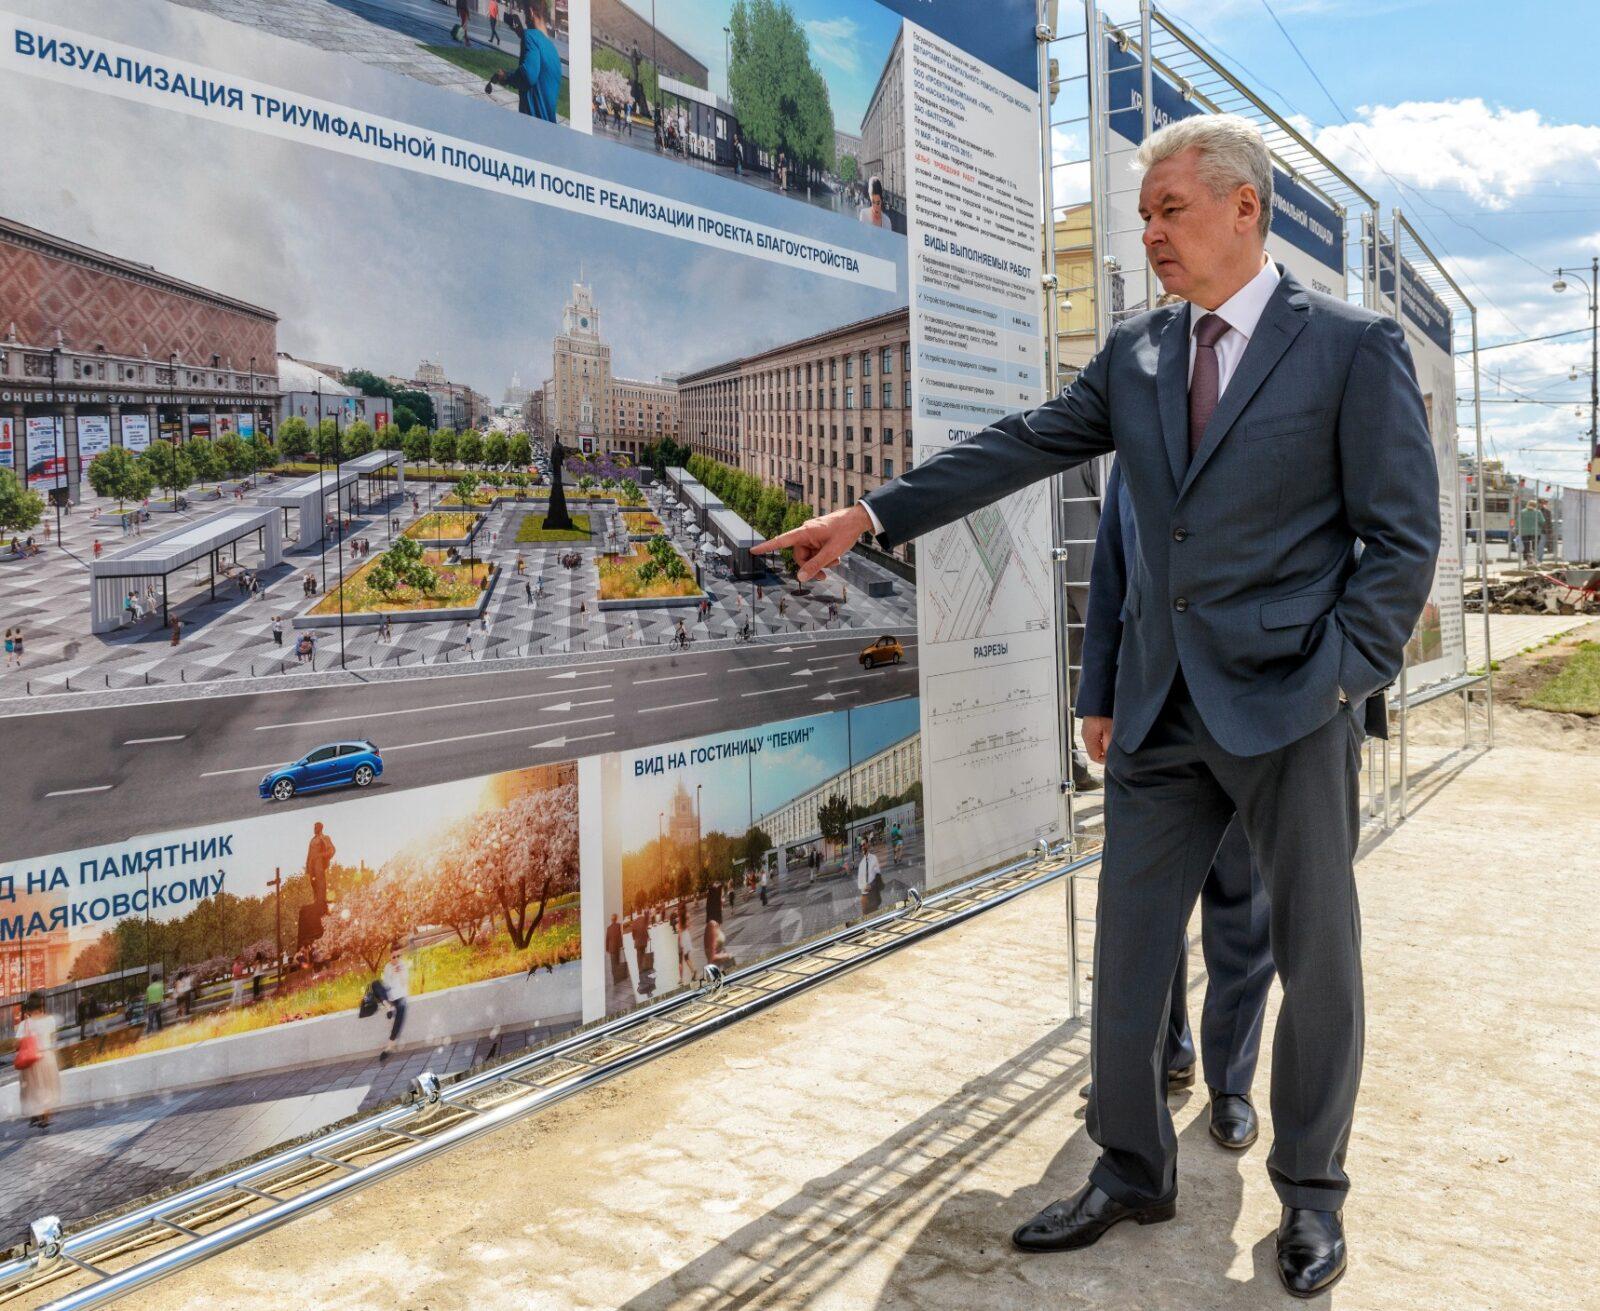 Сергей Собянин: Закончили строительство одной из крупнейших веток метро в Москве